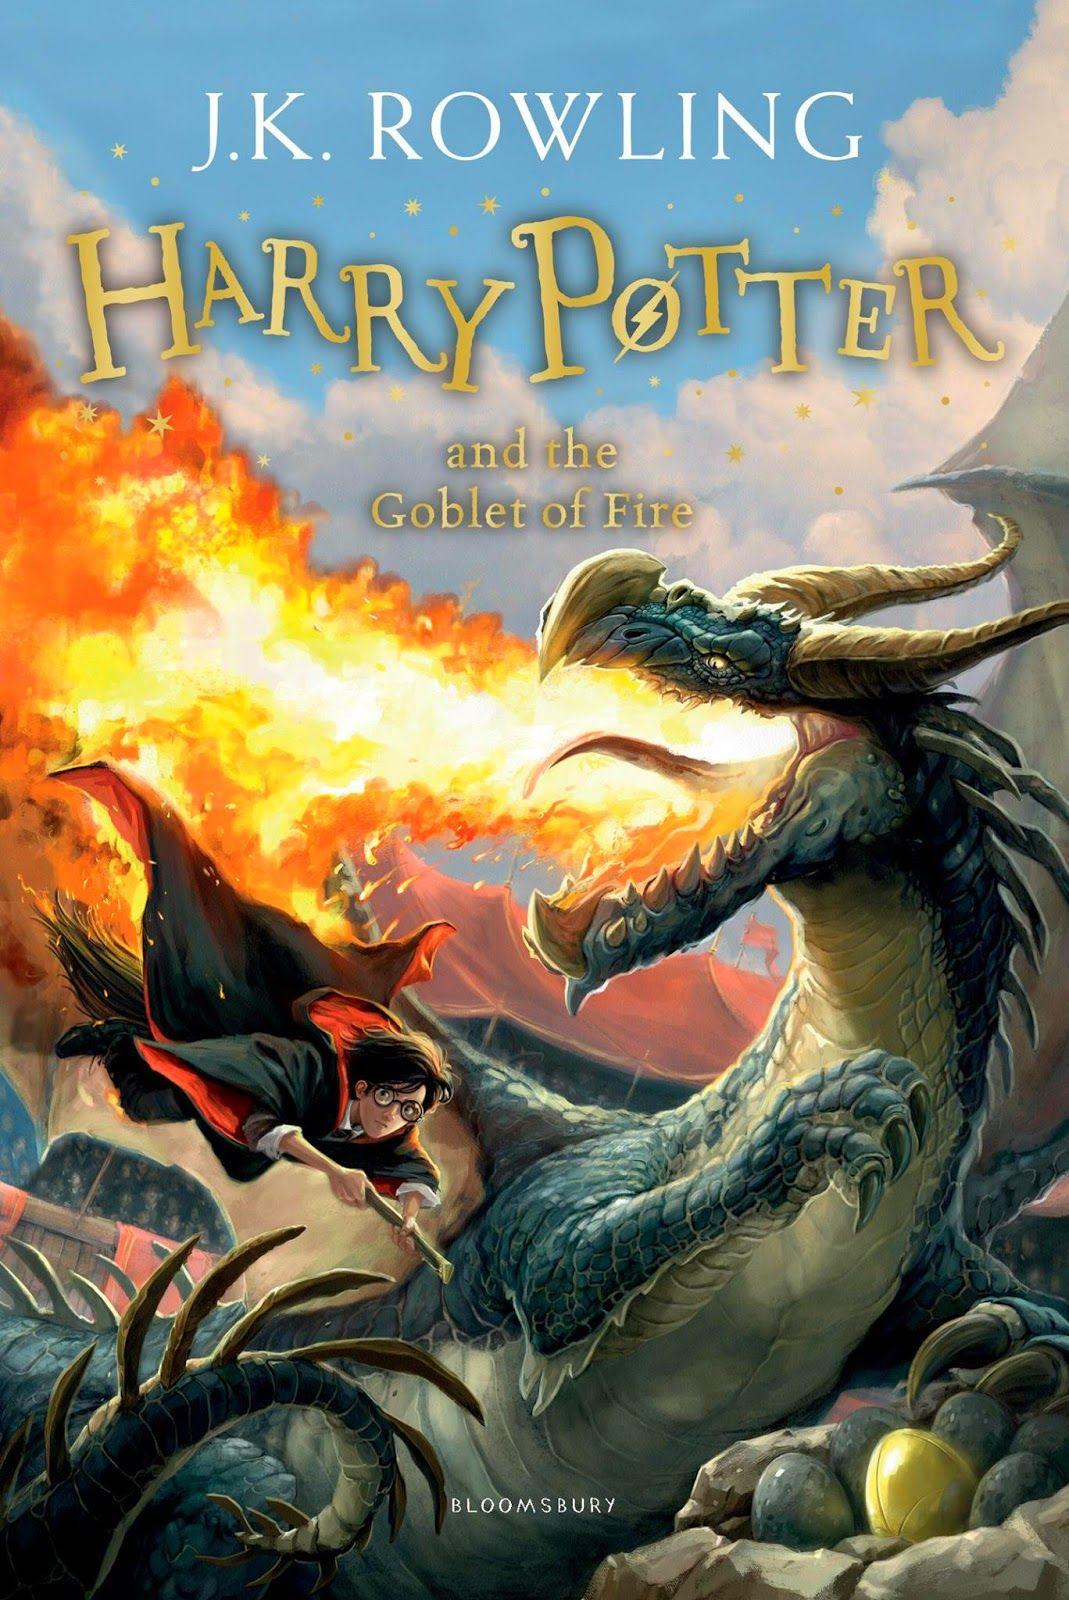 La Editorial Británica Bloomsbury Pondrá A La Venta Un Nuevo Set Con Los 7 Libros De Cubiertas De Libros De Harry Potter Libros De Harry Potter Cáliz De Fuego